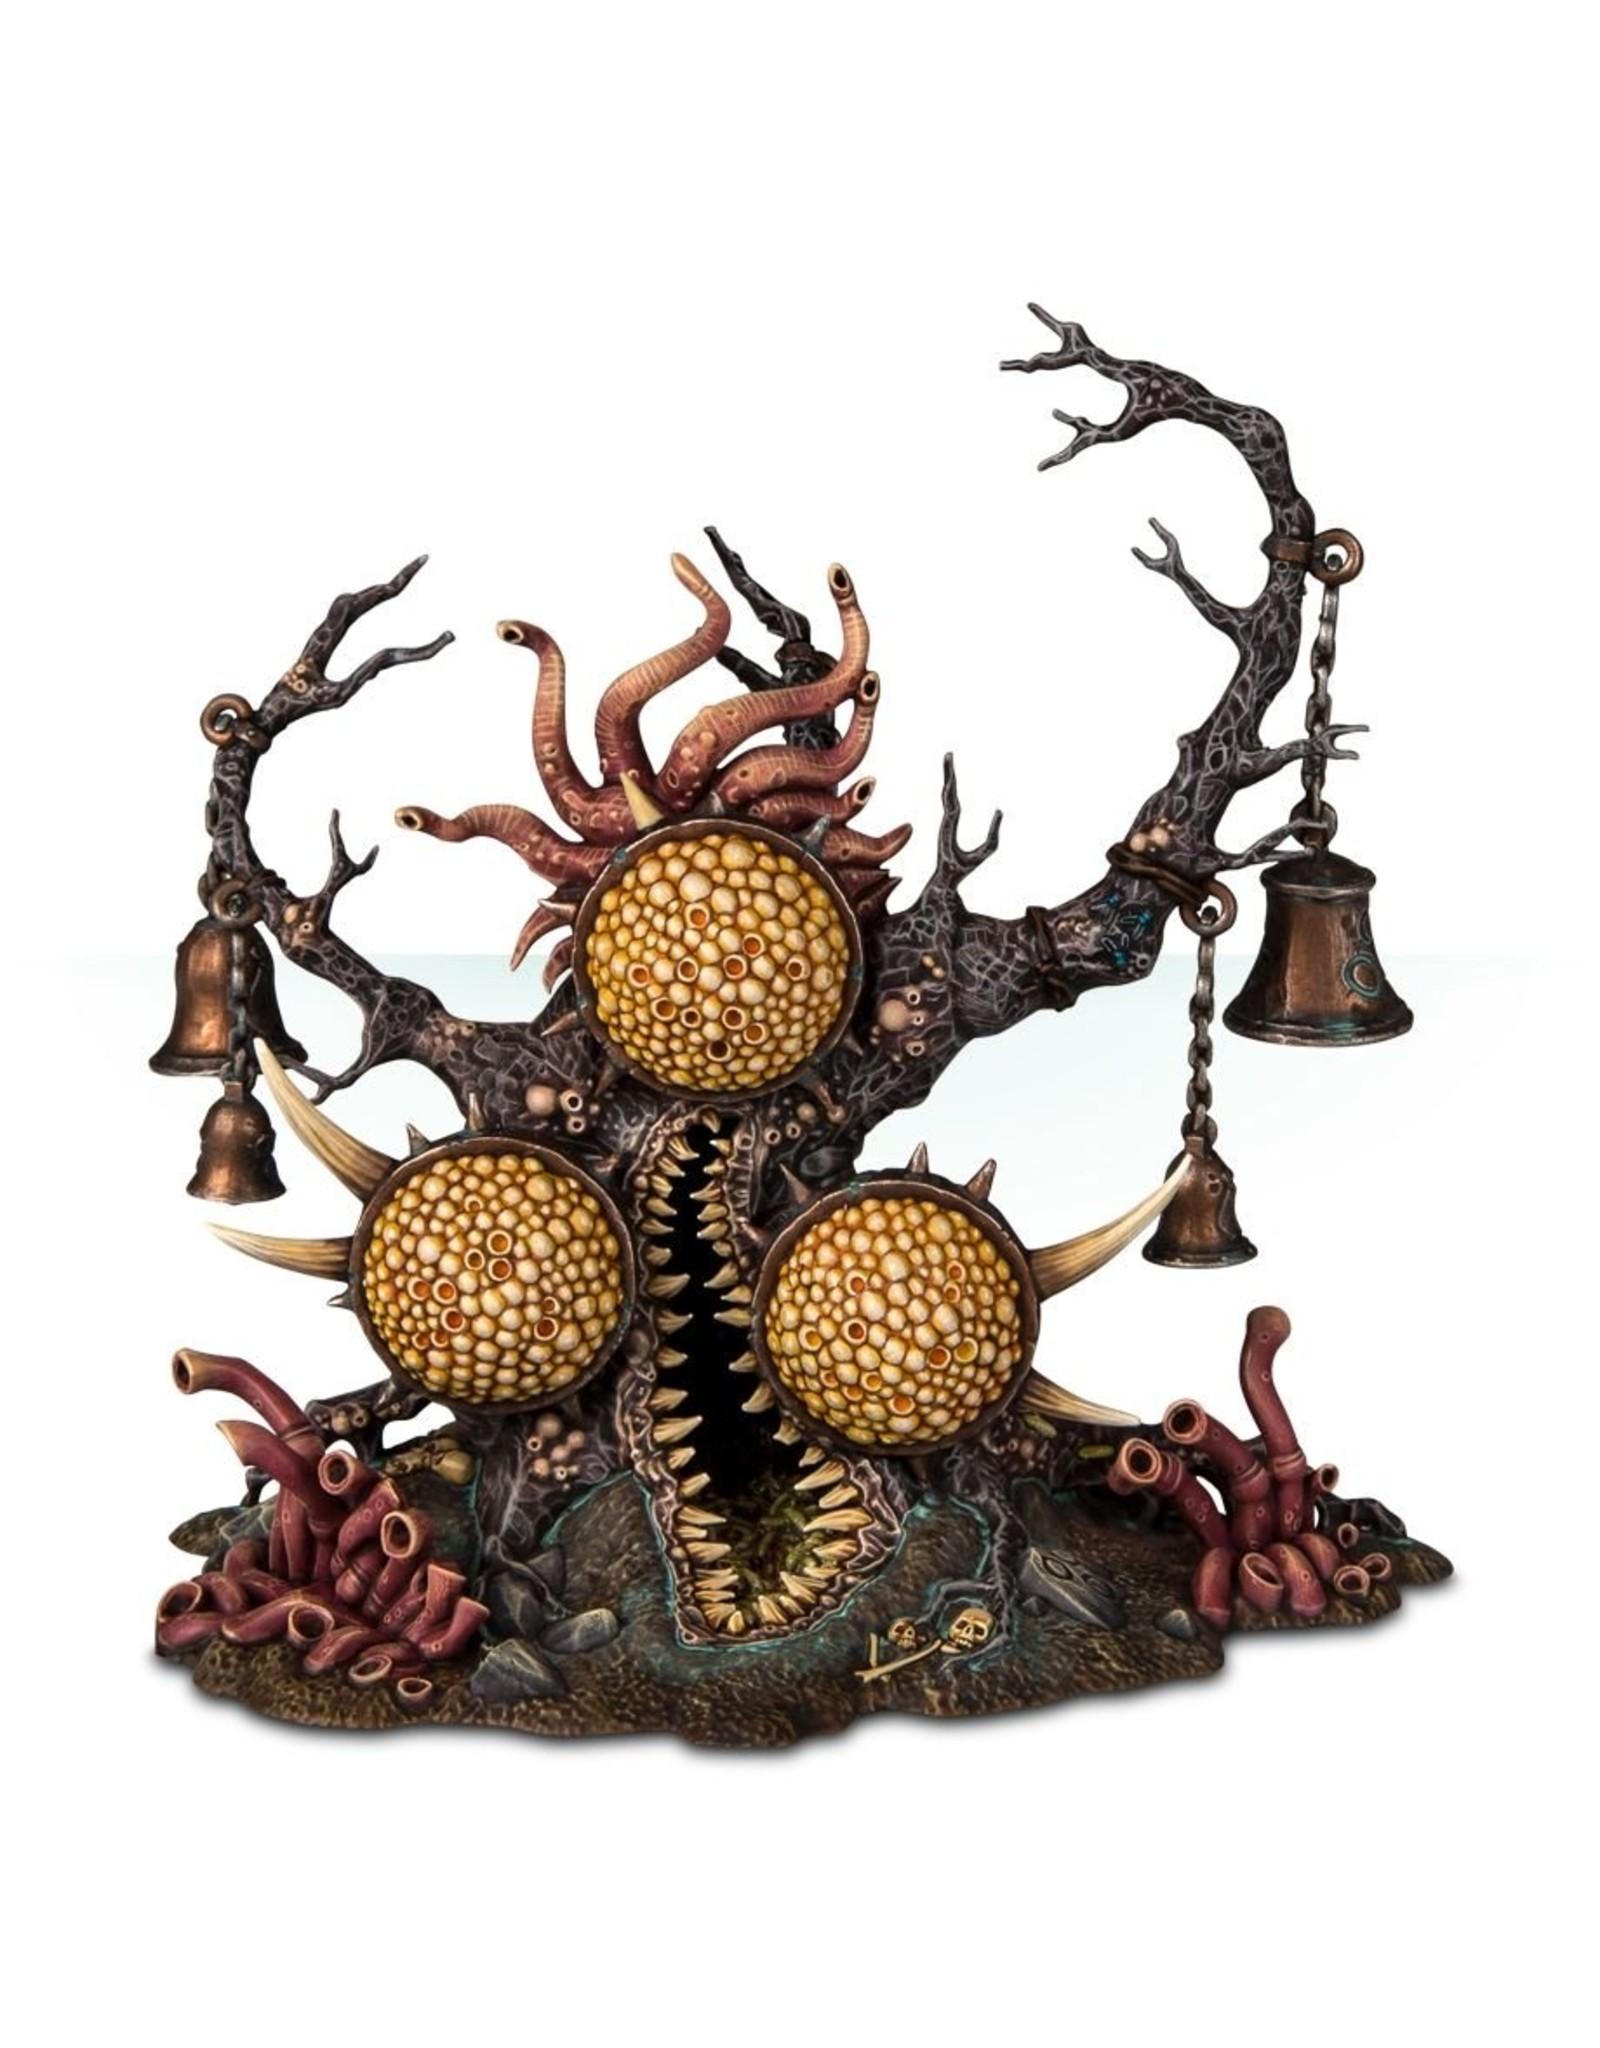 Games Workshop Daemons of Nurgle: Feculent Gnarlmaw